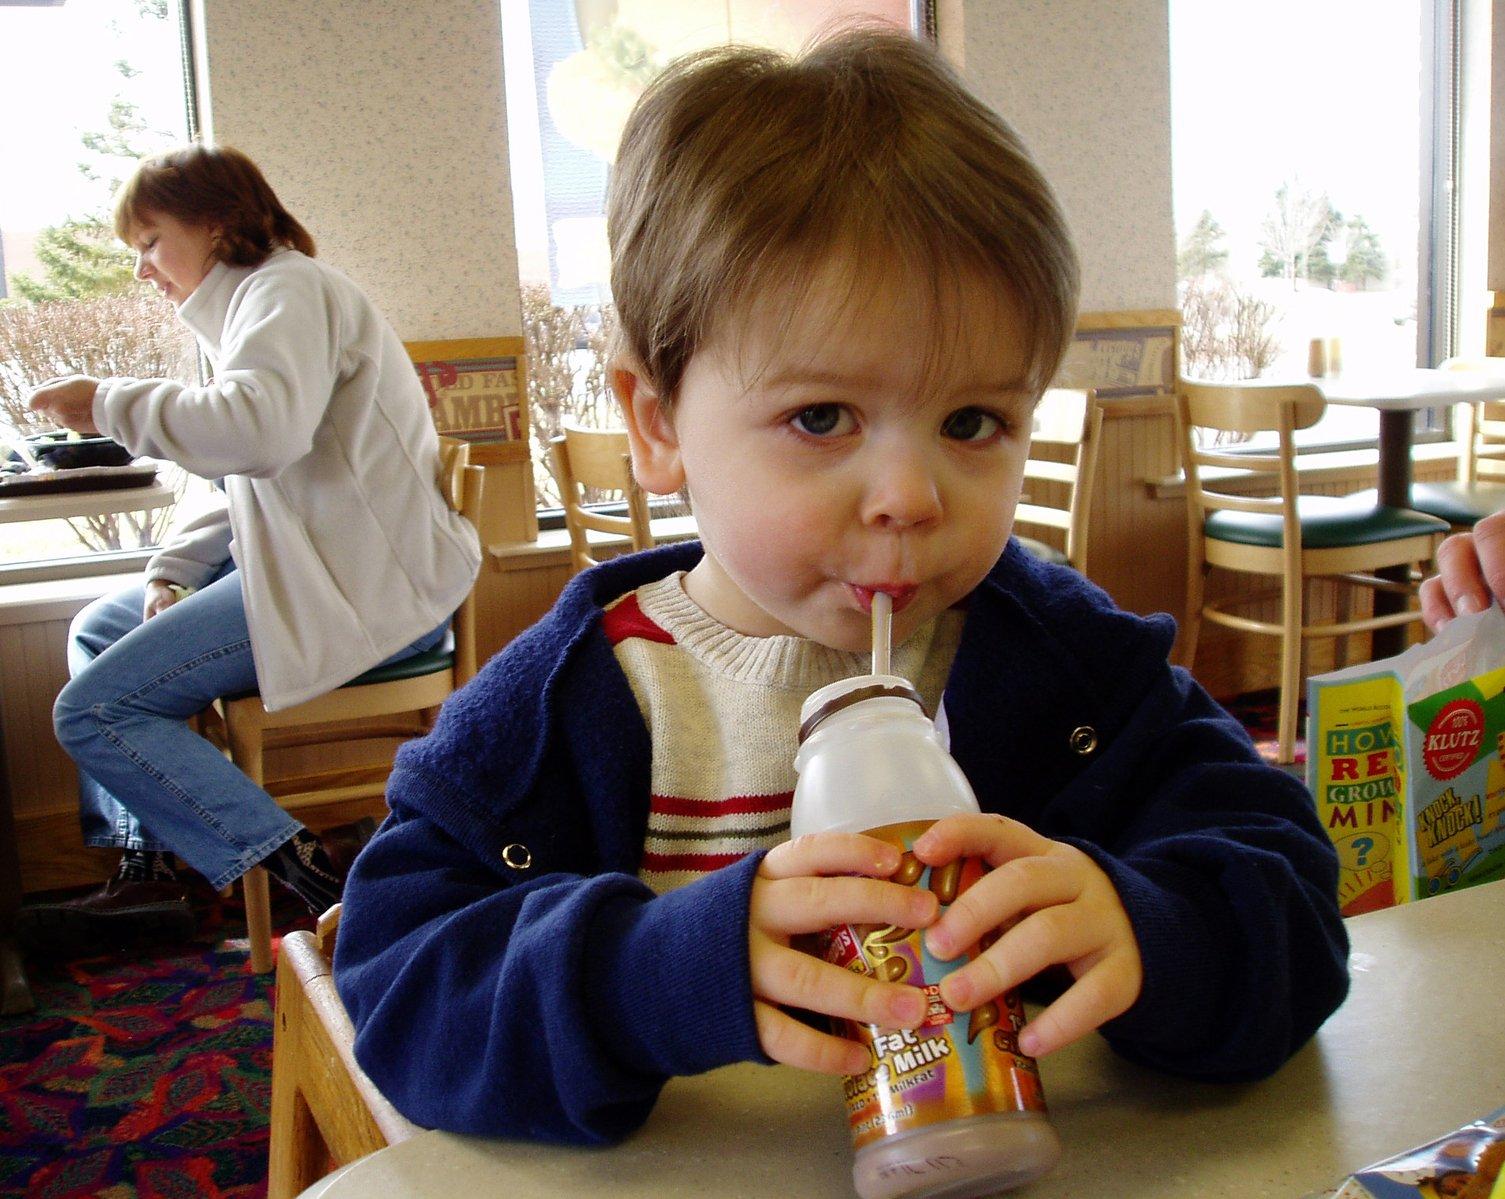 Οικογένεια Διατροφή: H πανδημία αύξησε την κατανάλωση φαστ φουντ μεταξύ παιδιών